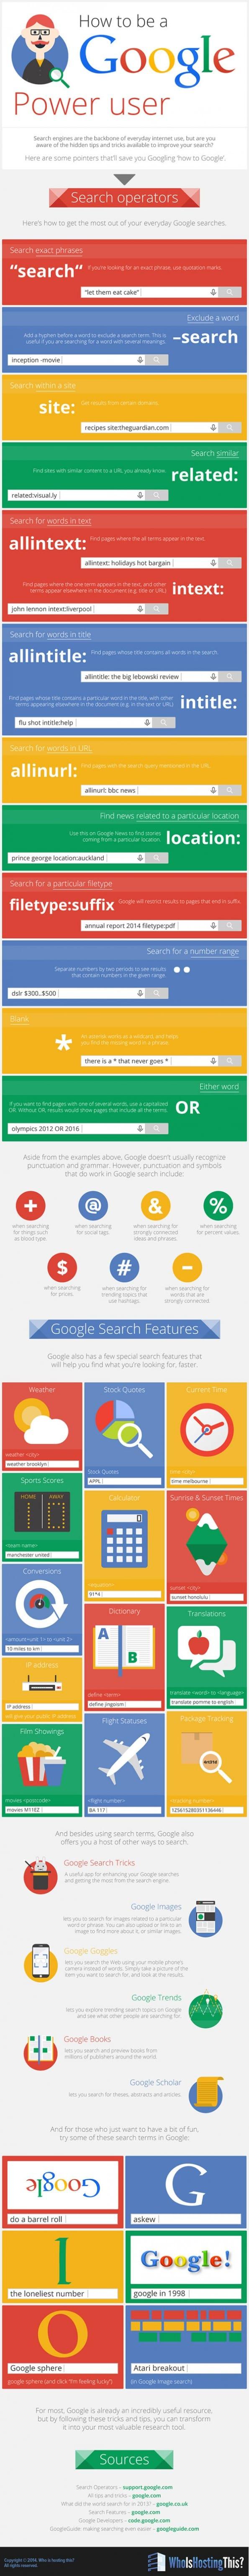 Effectiever zoeken in Google - tips & trics [infographic]